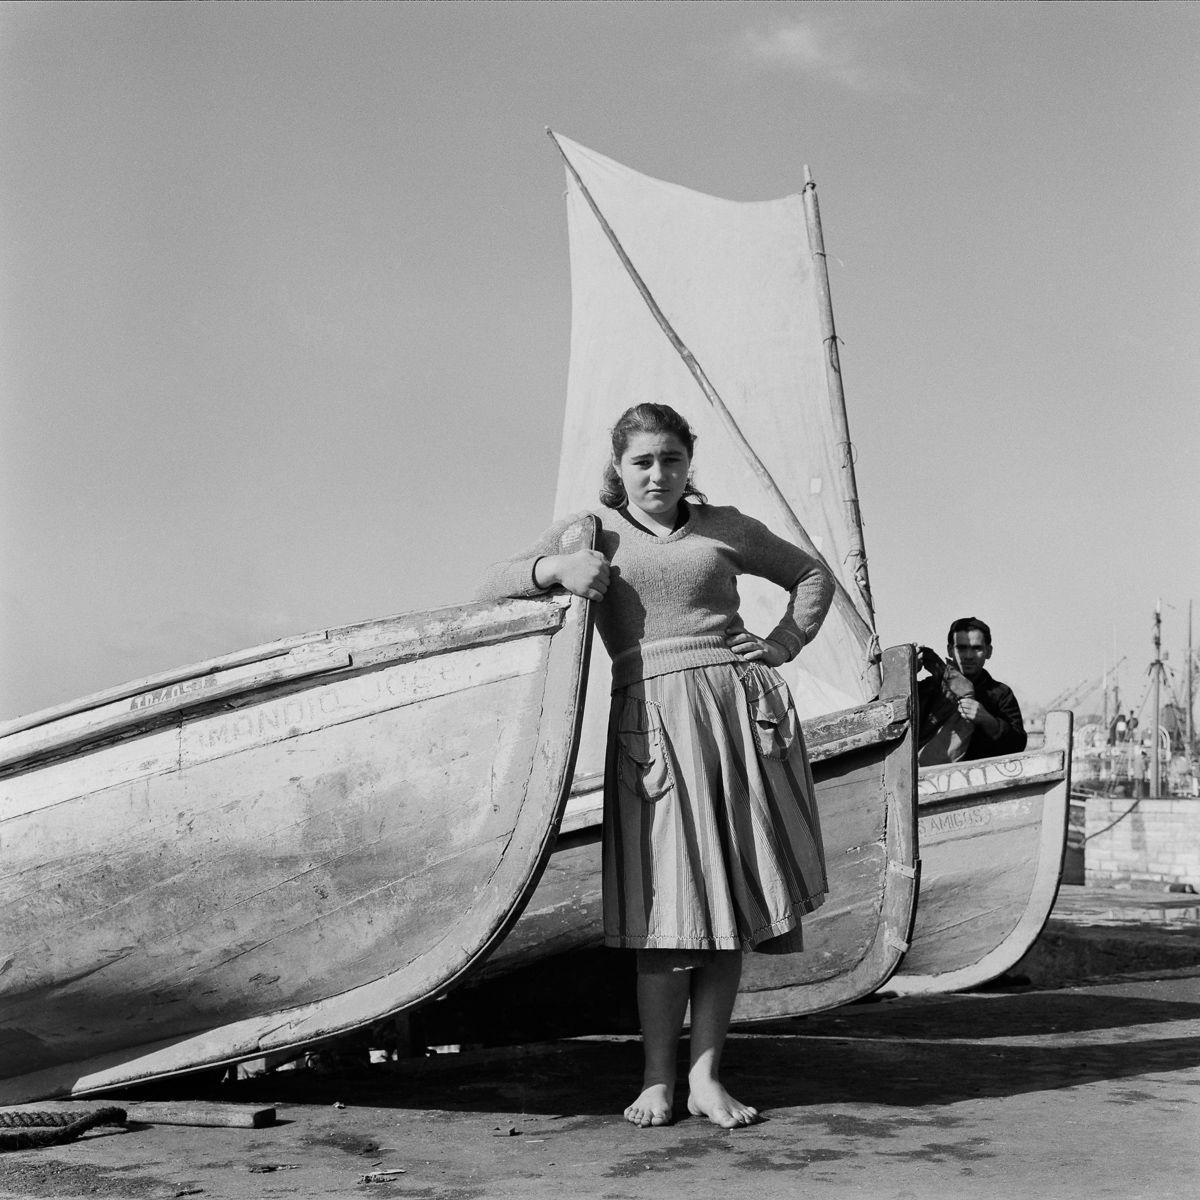 Fotografias deslumbrantes capturam a cultura da pesca dos anos 50 em Portugal 02